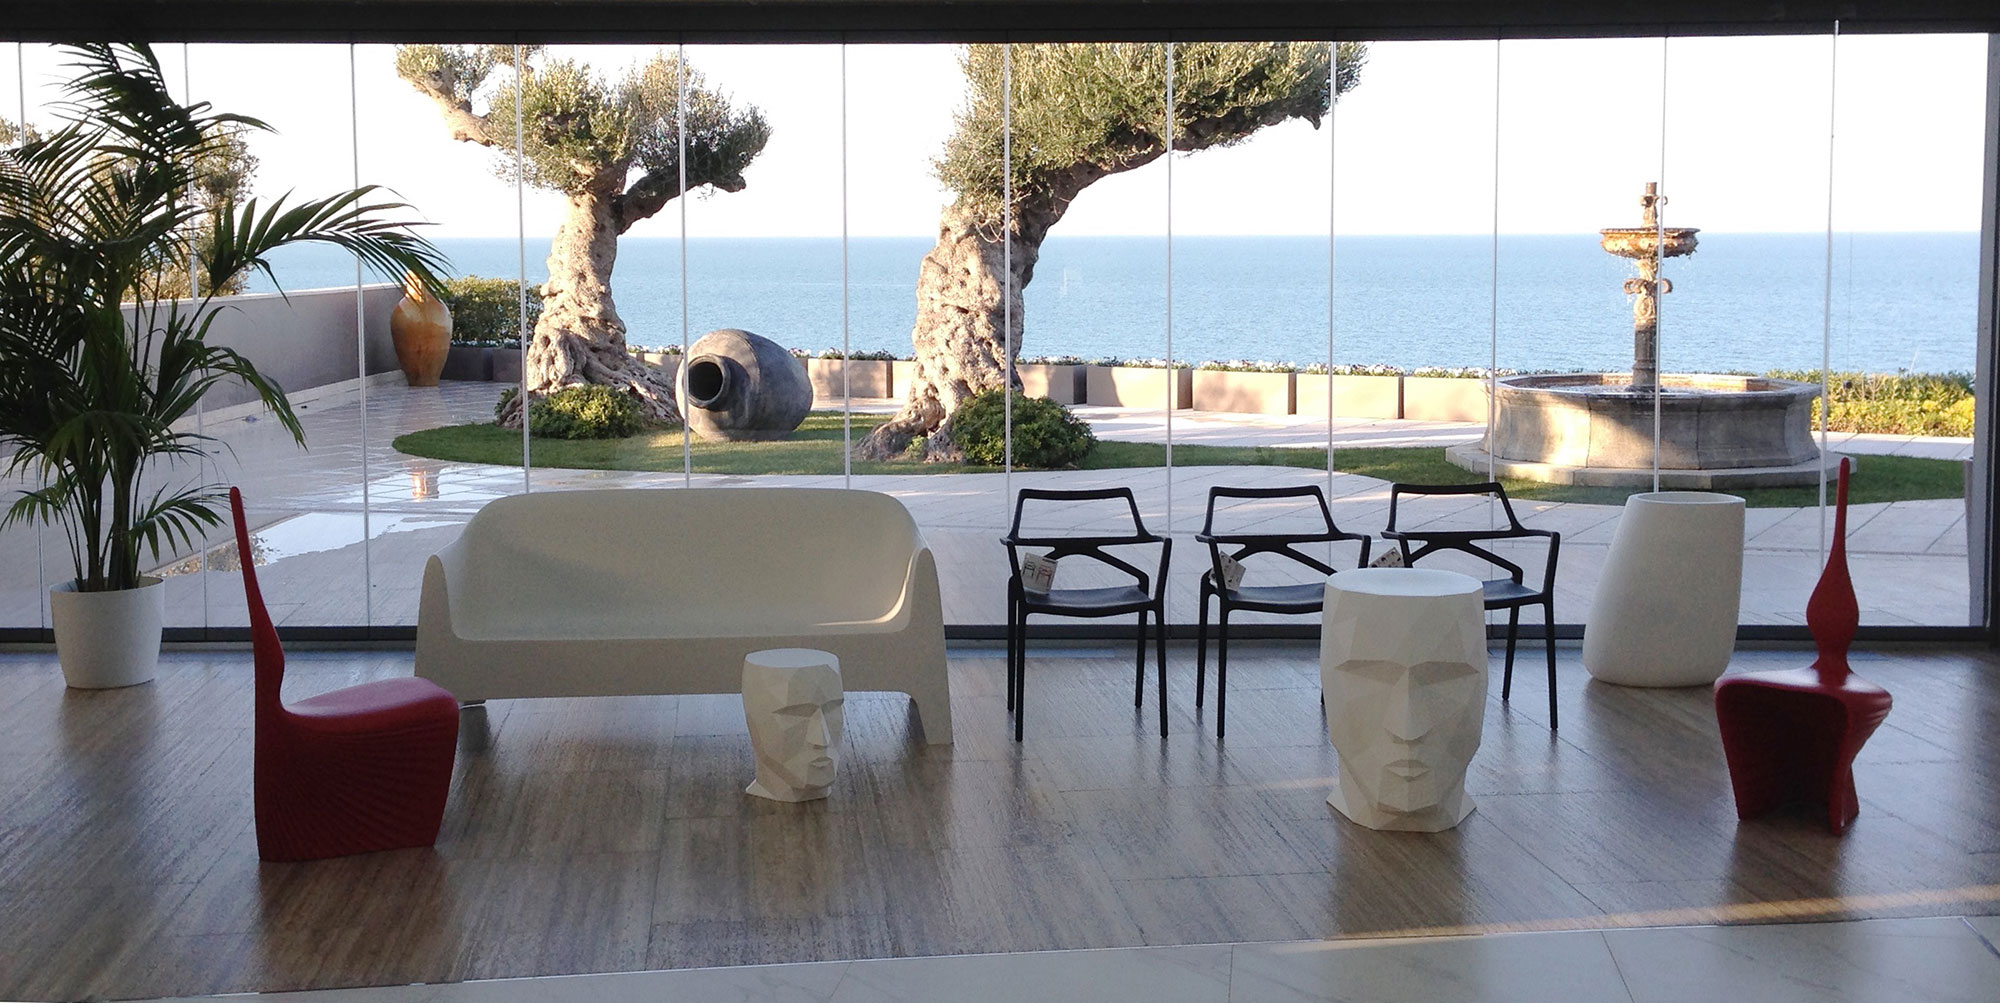 Restaurant at torino di sangro ch d 39 amico design for D amico arredamenti casoli